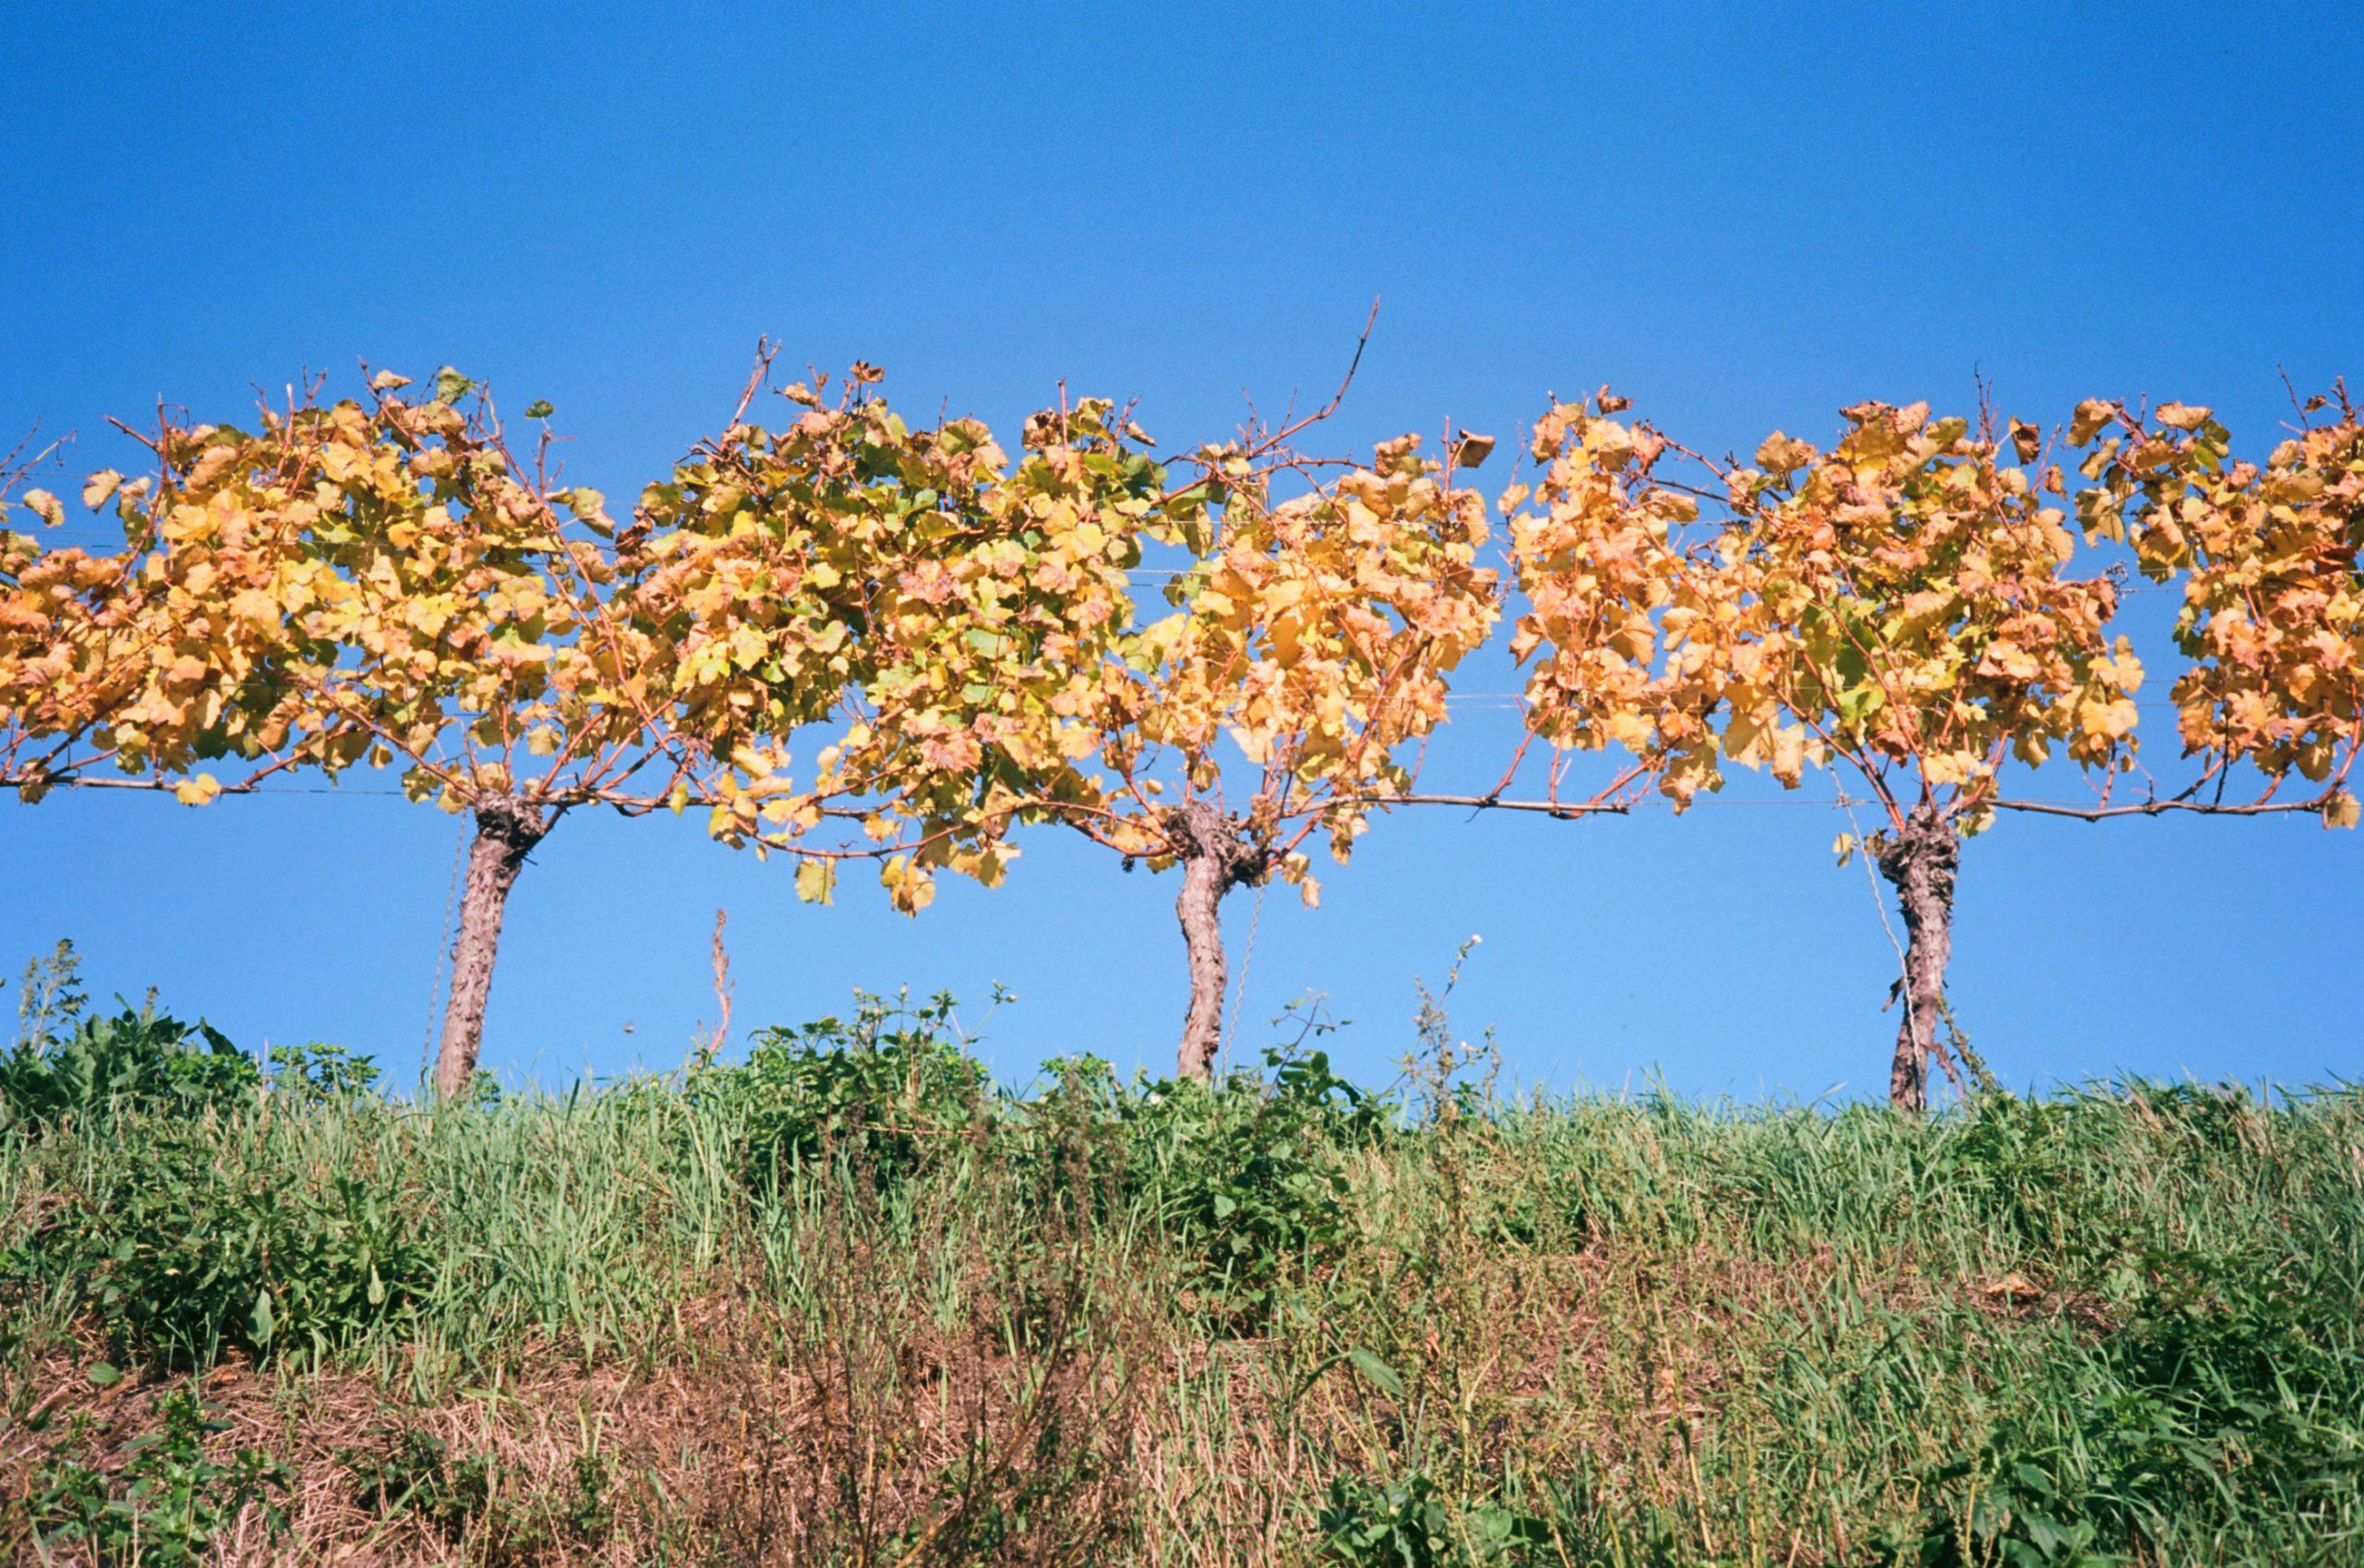 Herbst im Weinberg. Rollei 35 RF mit Rollei Sonnar 40/2.8. Kodak Ektar 100.